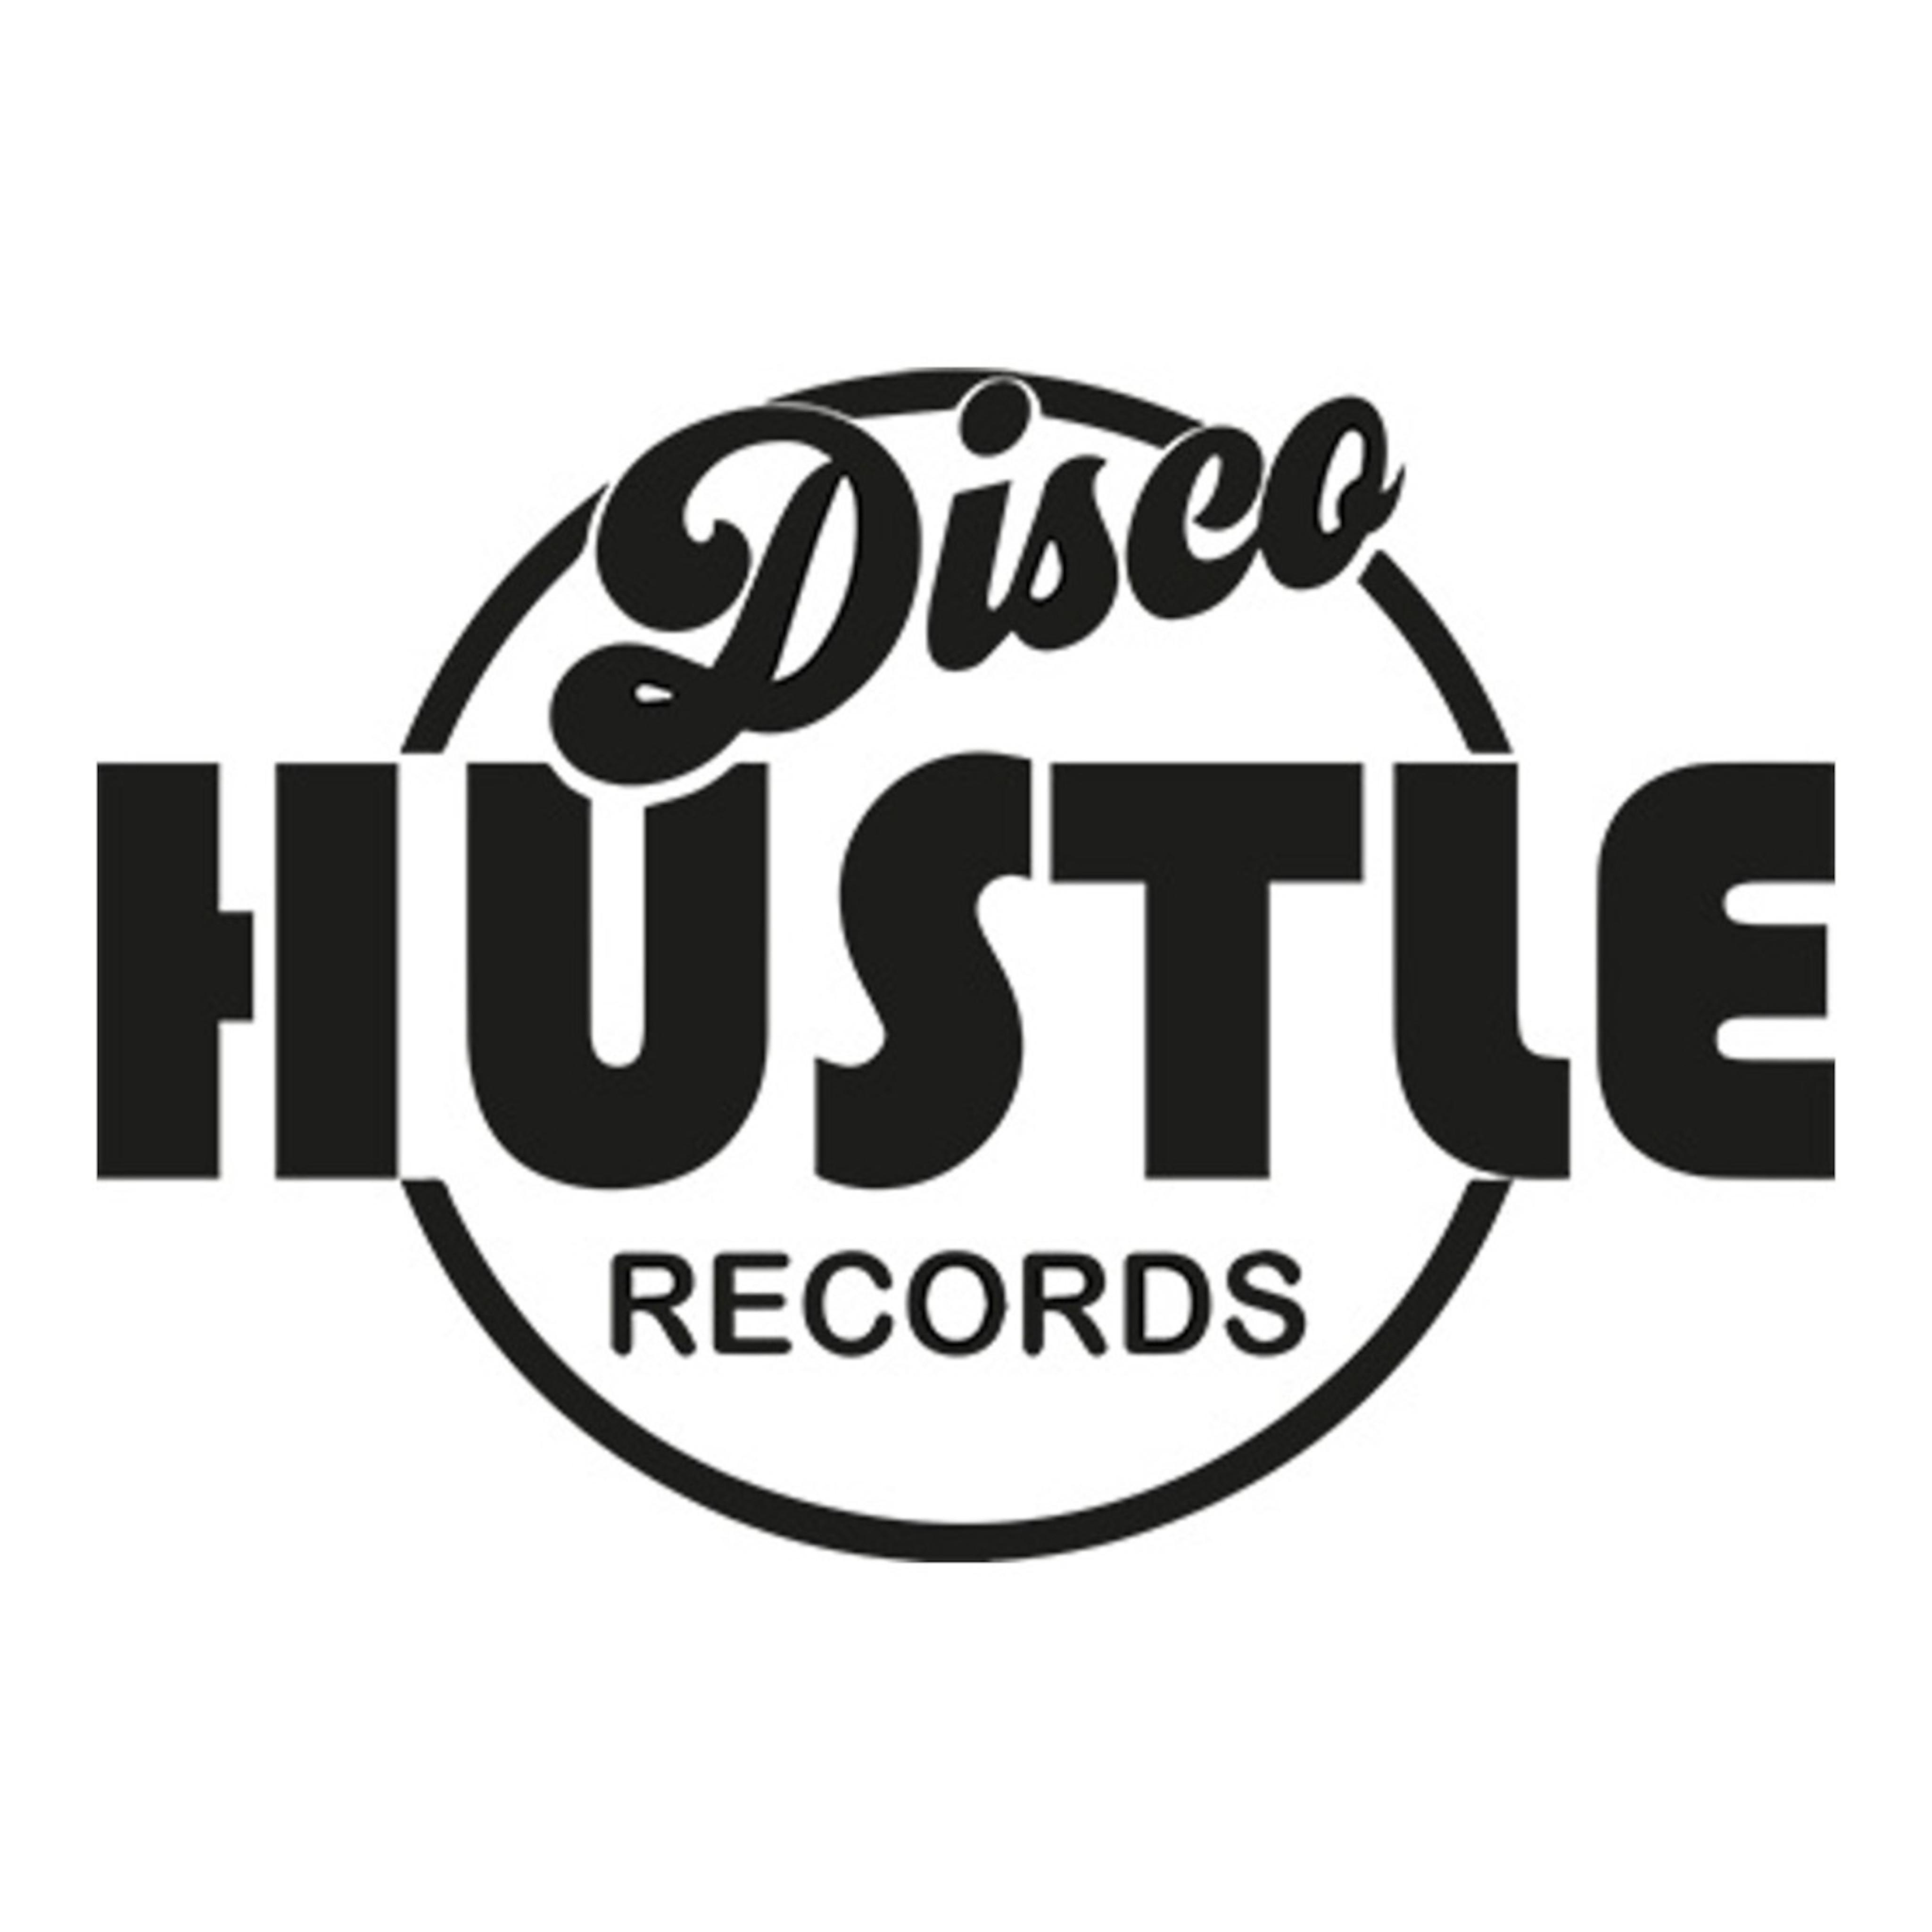 Disco Hustle Records